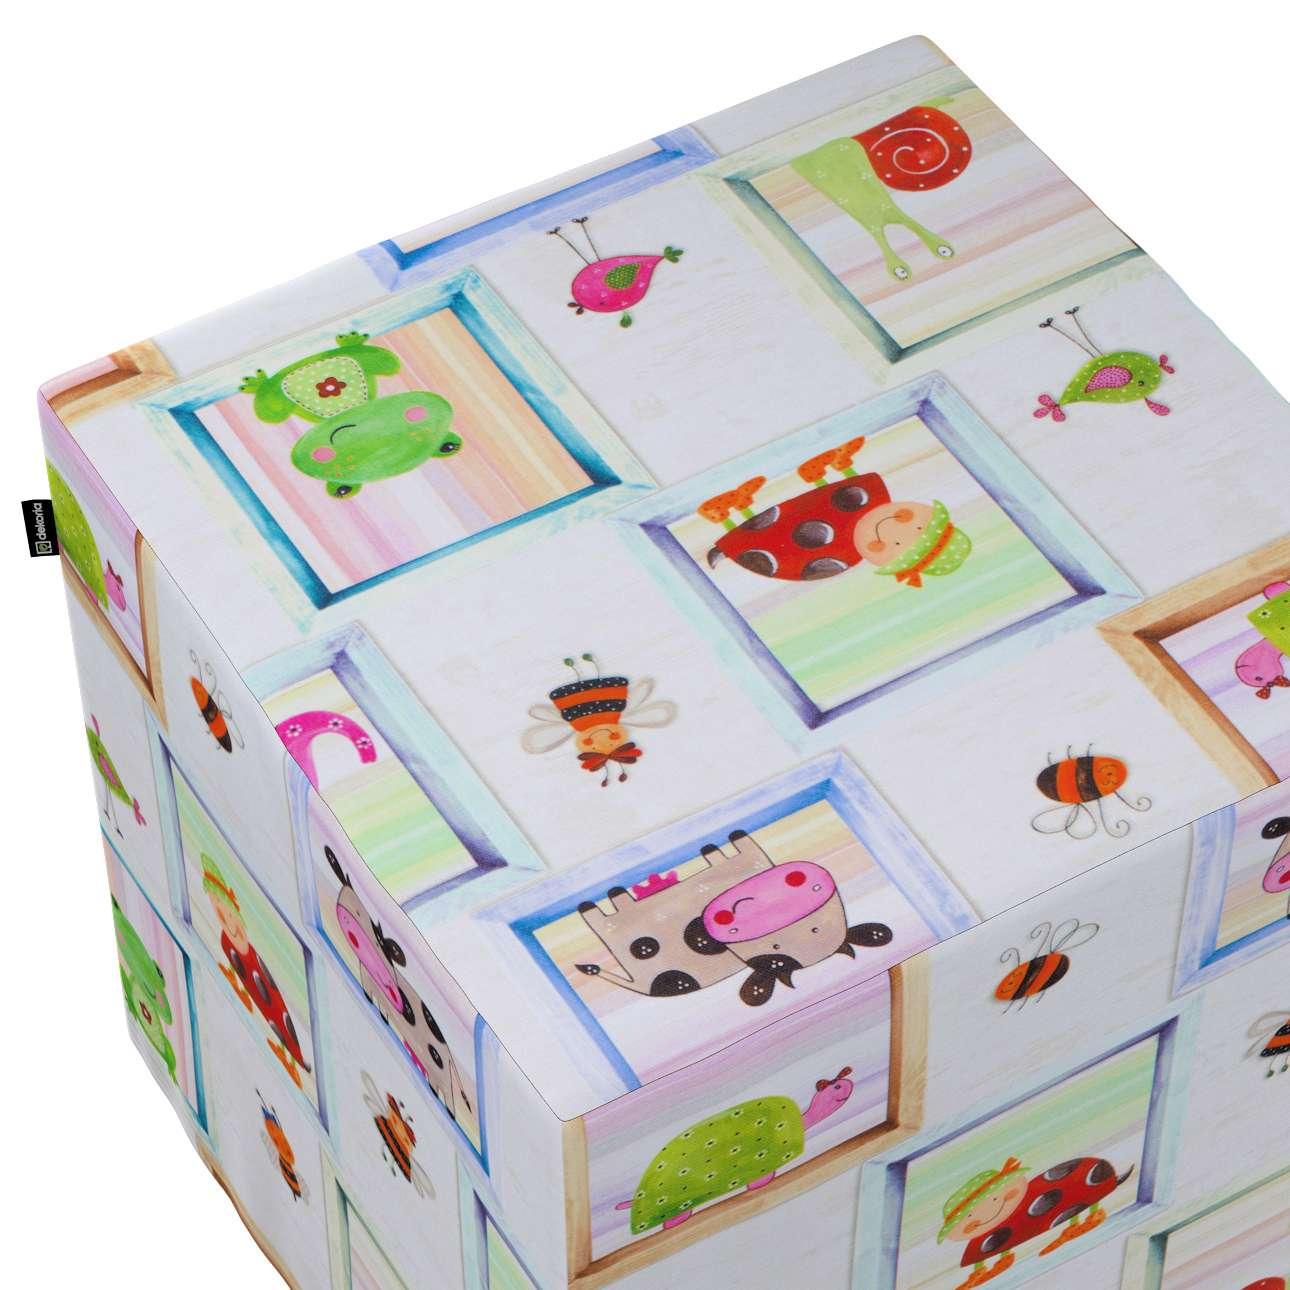 Taburetka tvrdá, kocka V kolekcii Little World, tkanina: 151-04